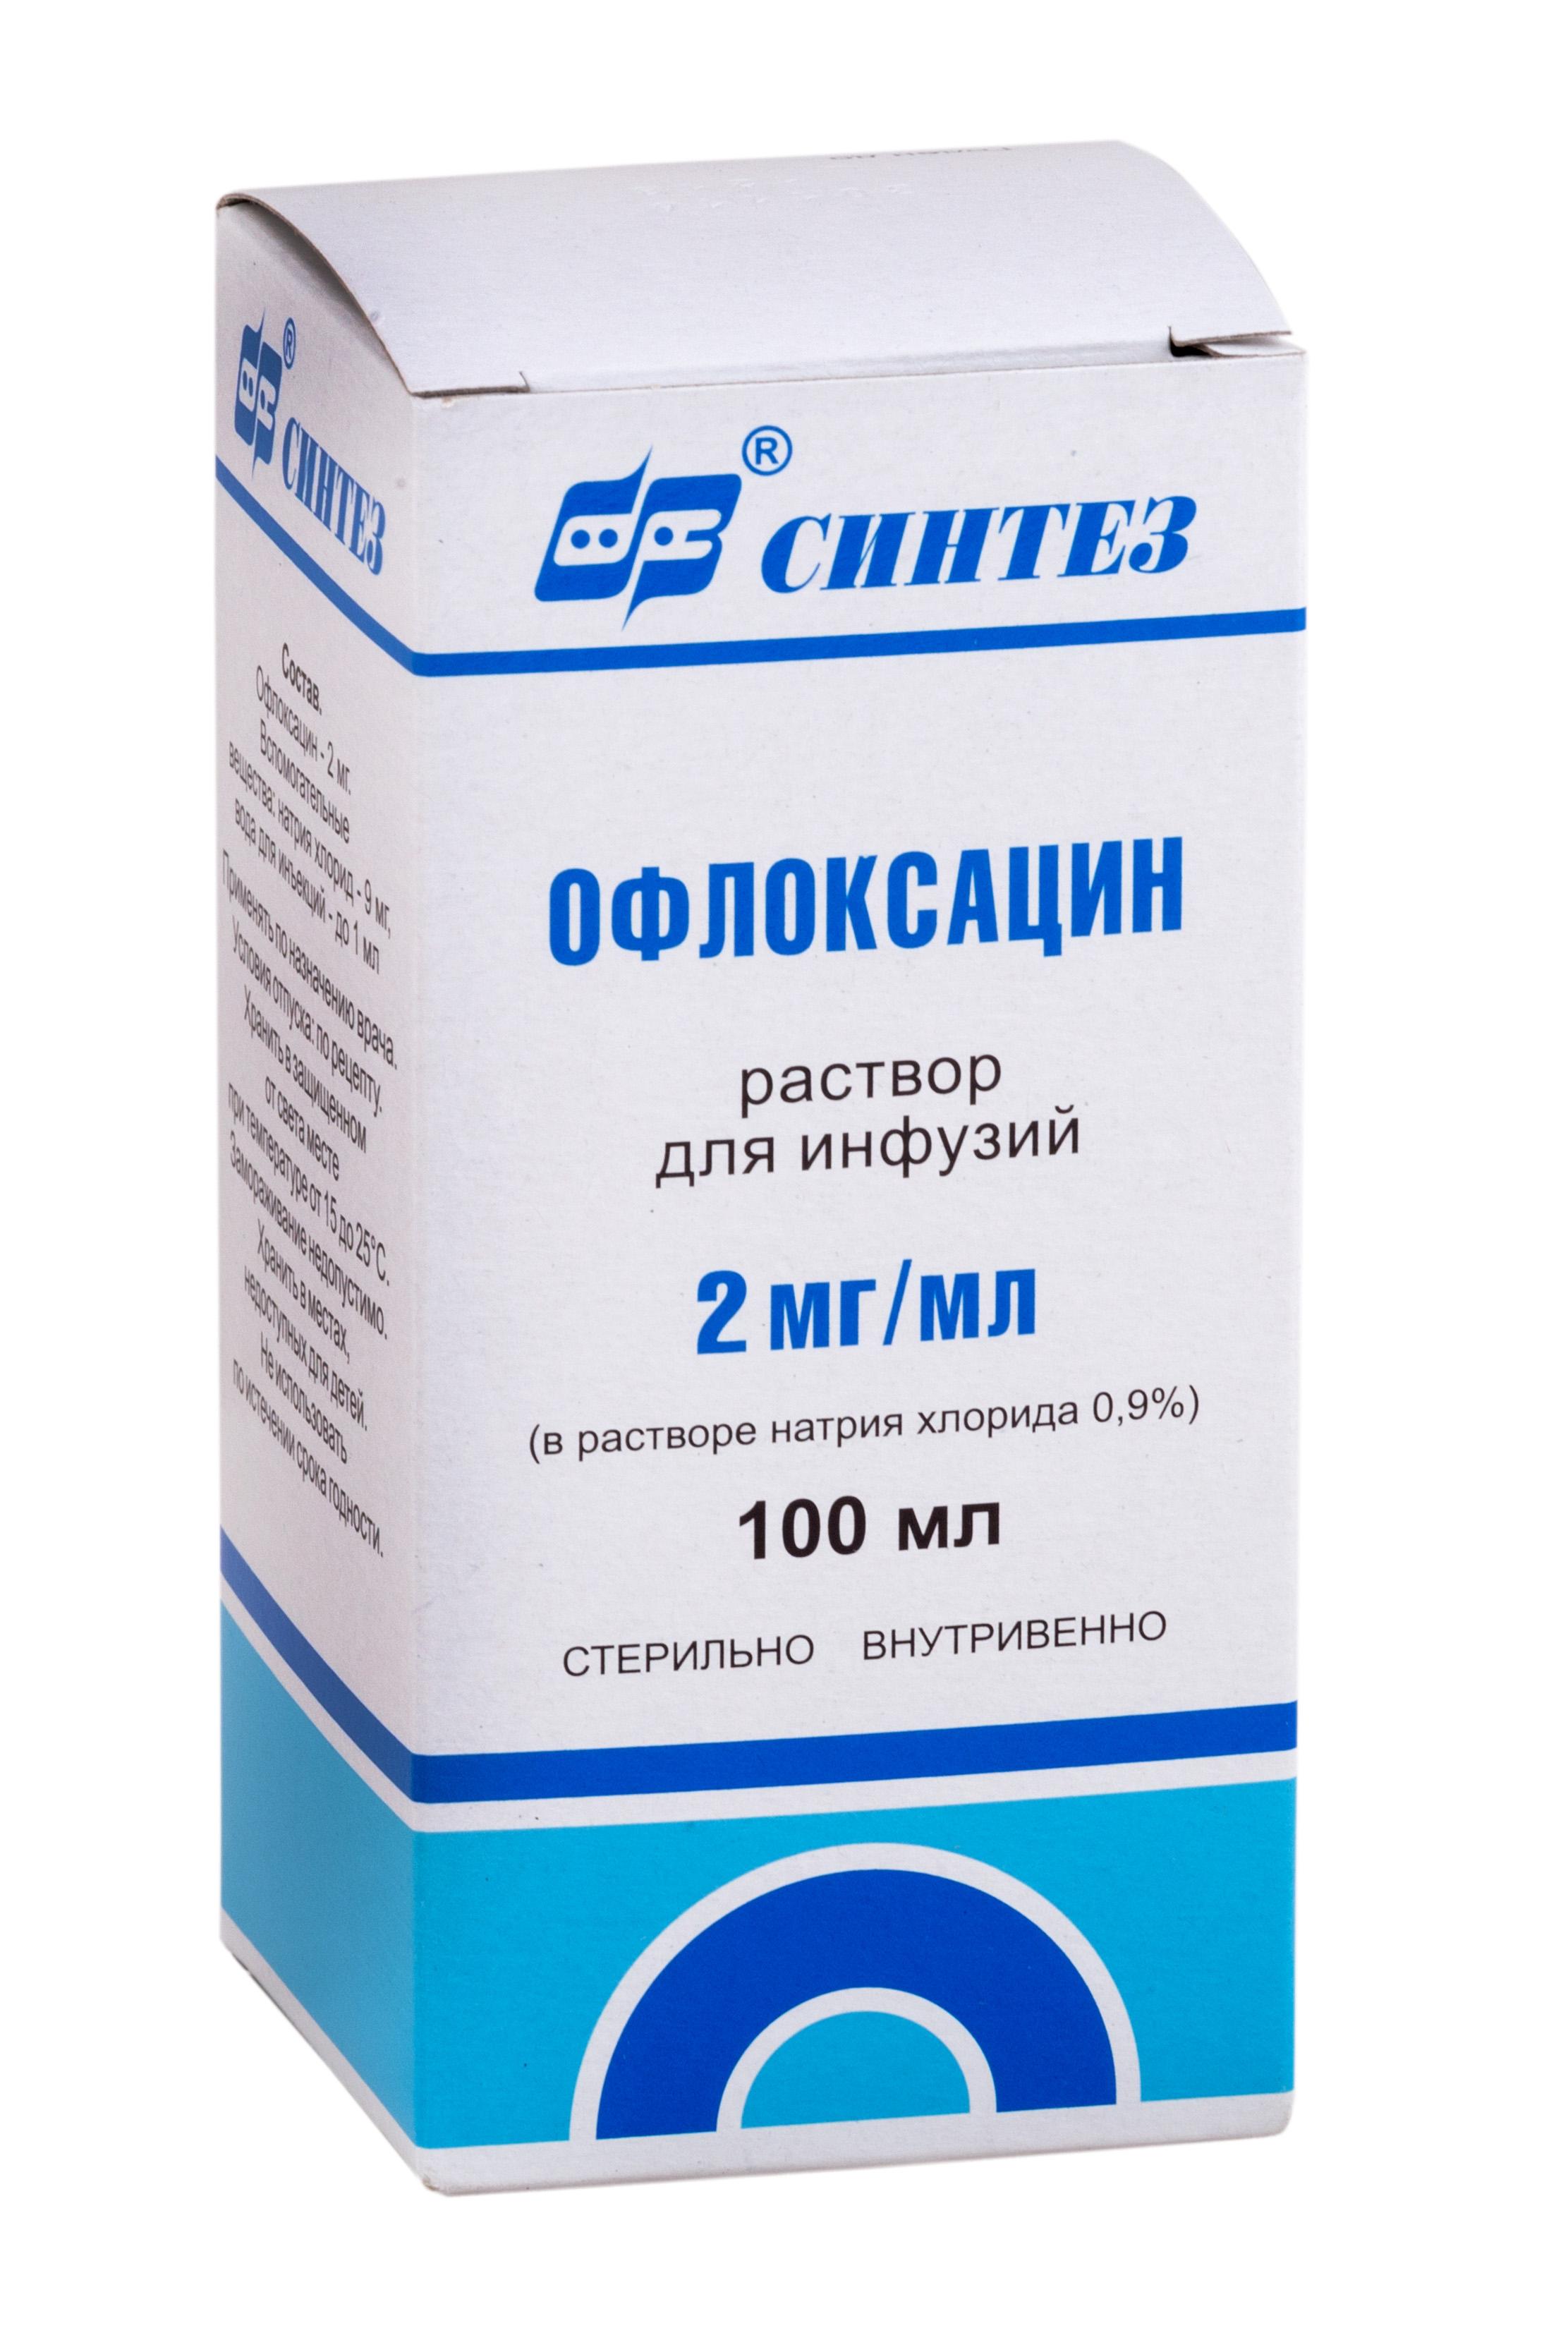 Купить Офлоксацин раствор для инфузий 2 мг/мл 100 мл в растворе натрия хлорида 0, 9%, Синтез